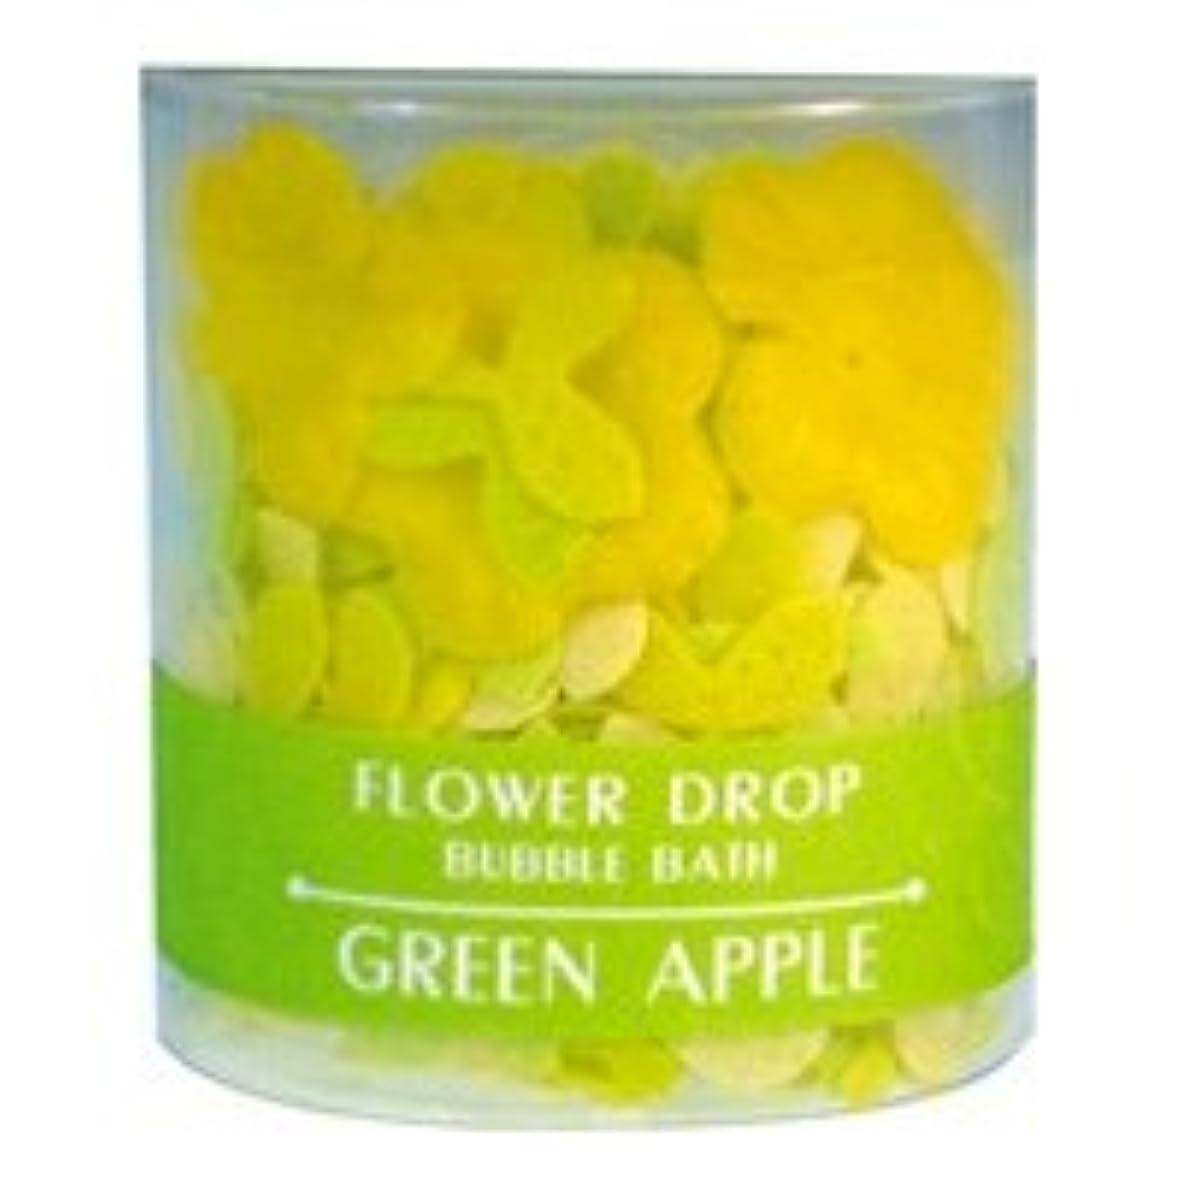 反対スリーブしなければならないフラワードロップ「グリーンアップル」20個セット 二葉の形のペタル